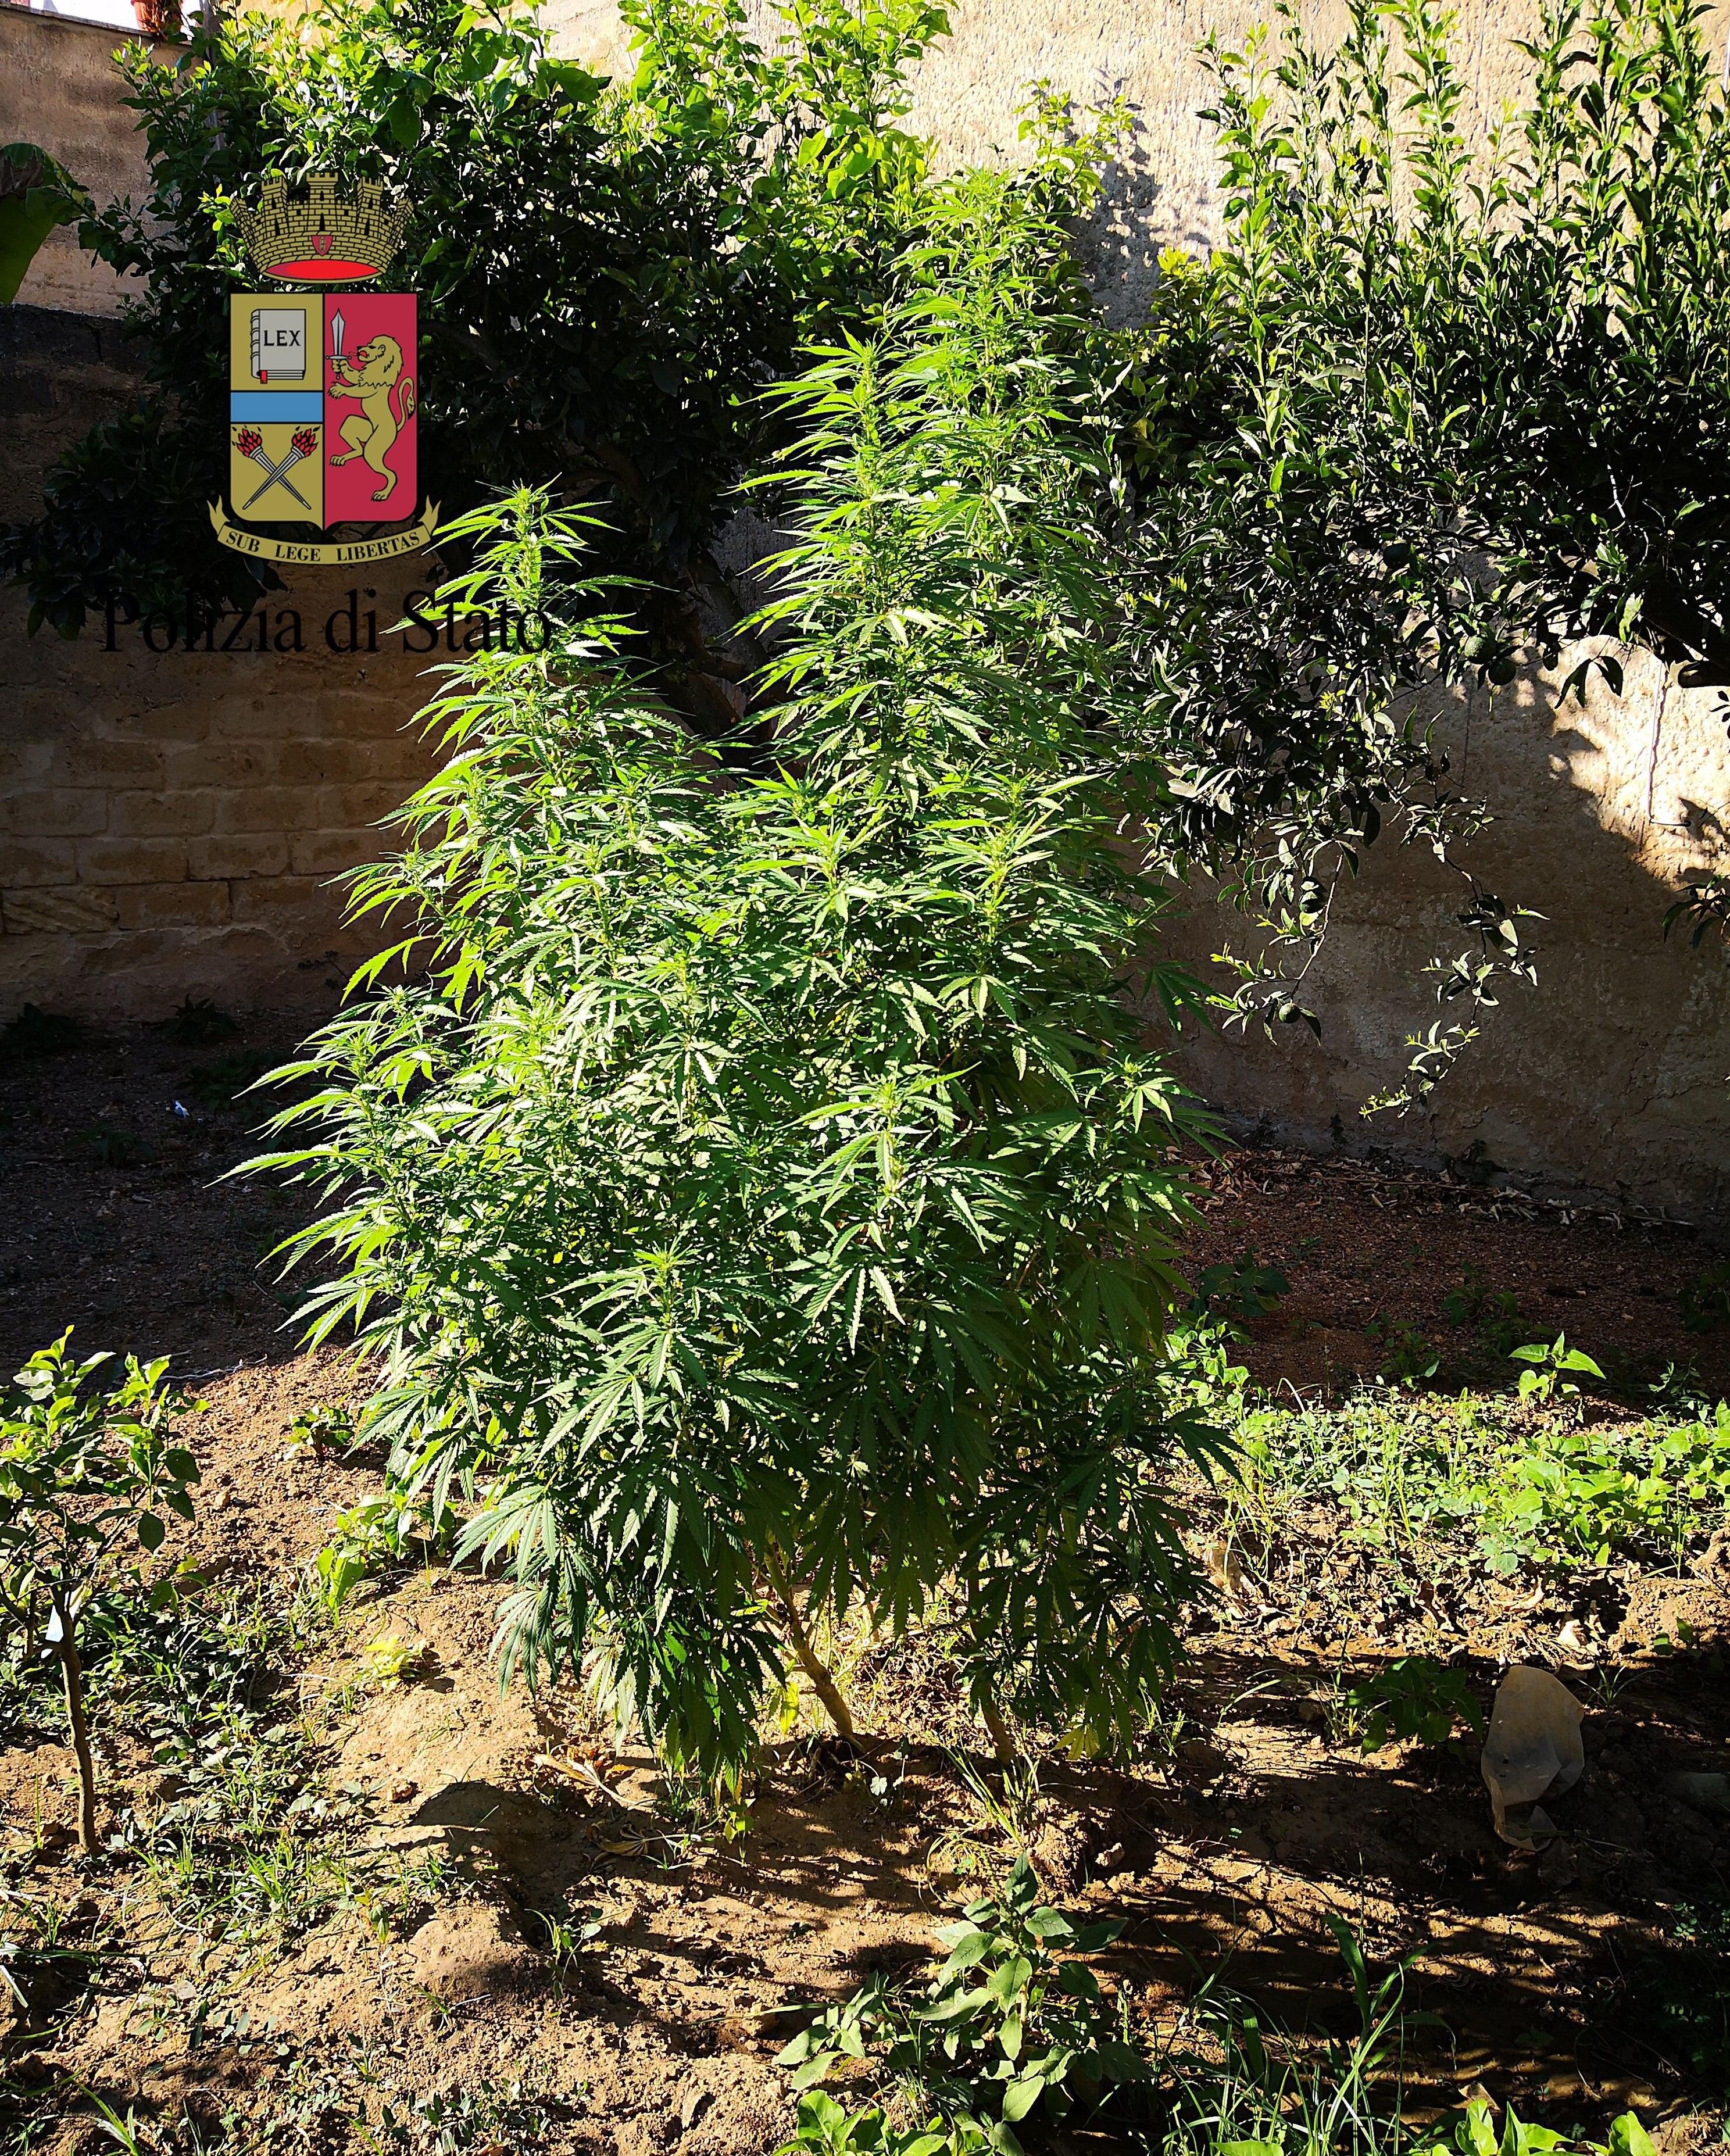 Mazara. Arresto in flagranza di due cittadini mazaresi per coltivazione e detenzione ai fini di spaccio di sostanza stupefacente del tipo marijuana